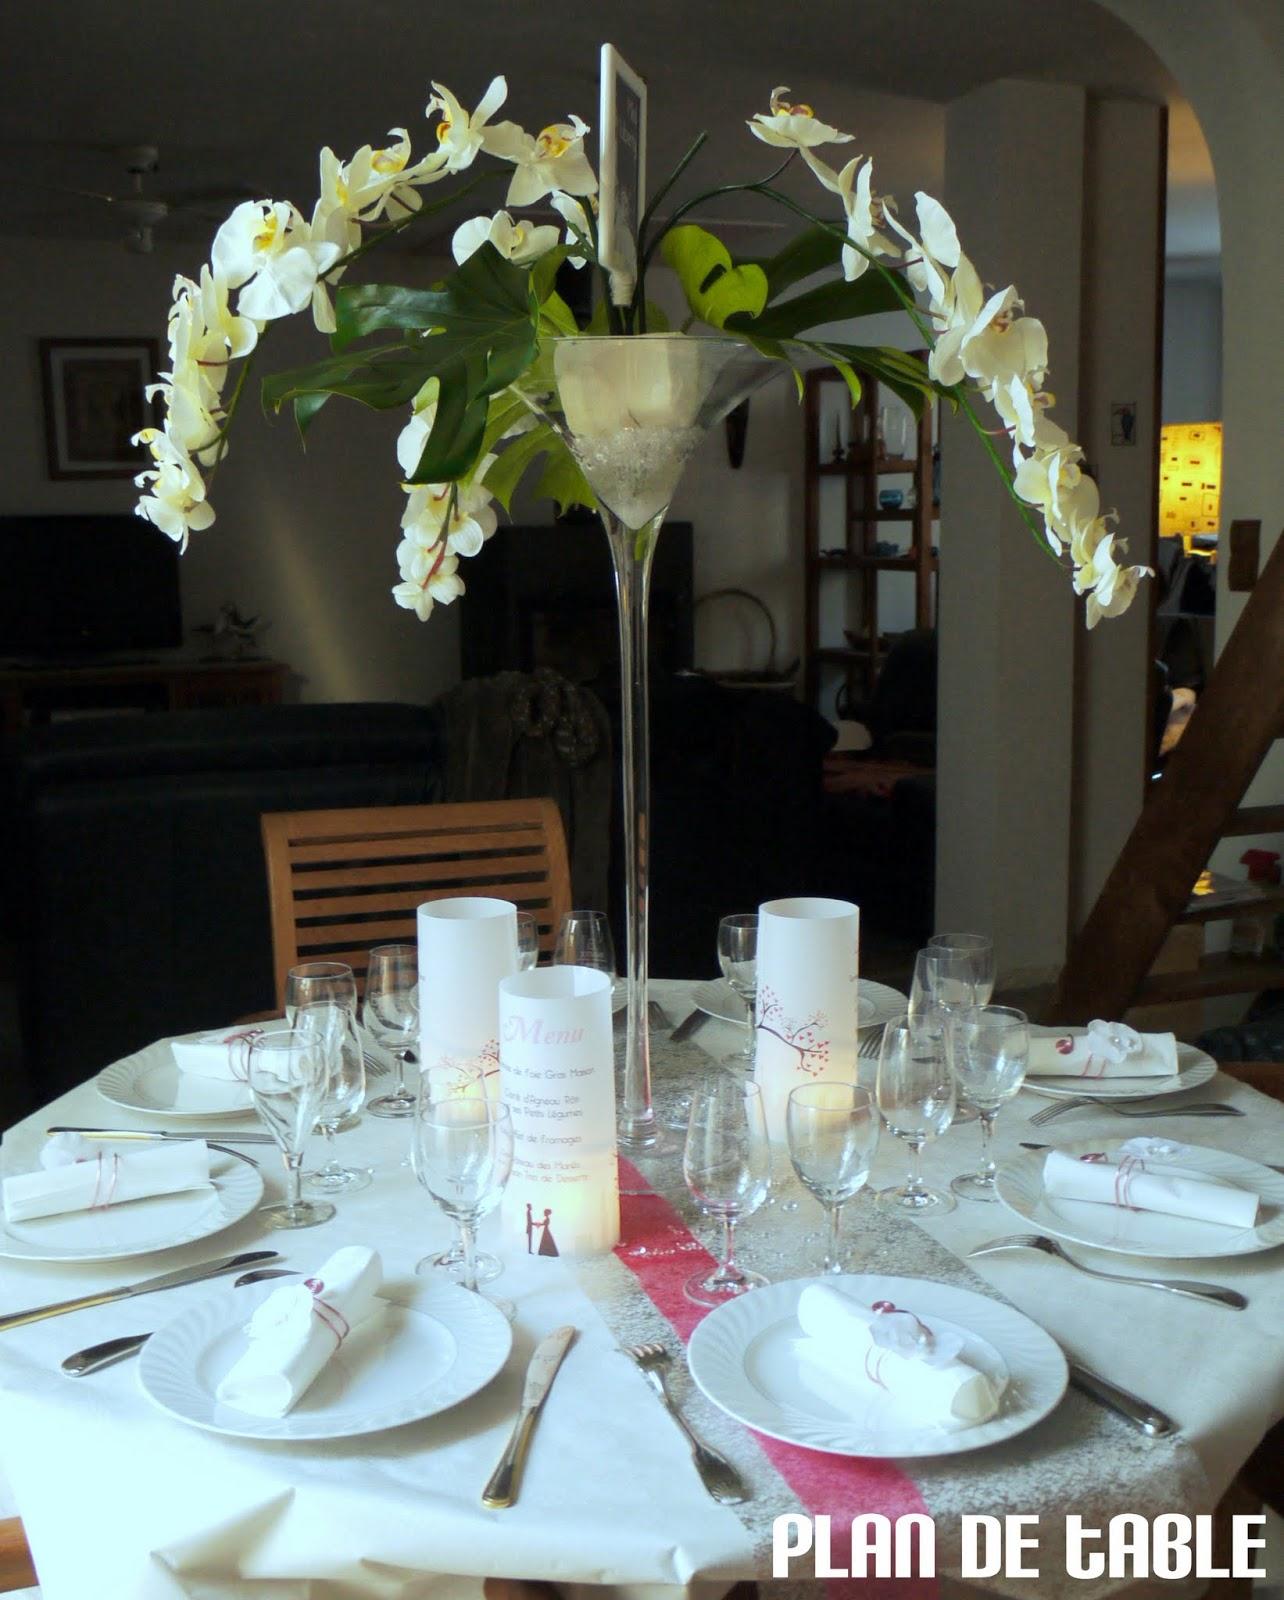 Plan de table le blog le verre martini dans tous ses - Grand verre a pied centre de table ...